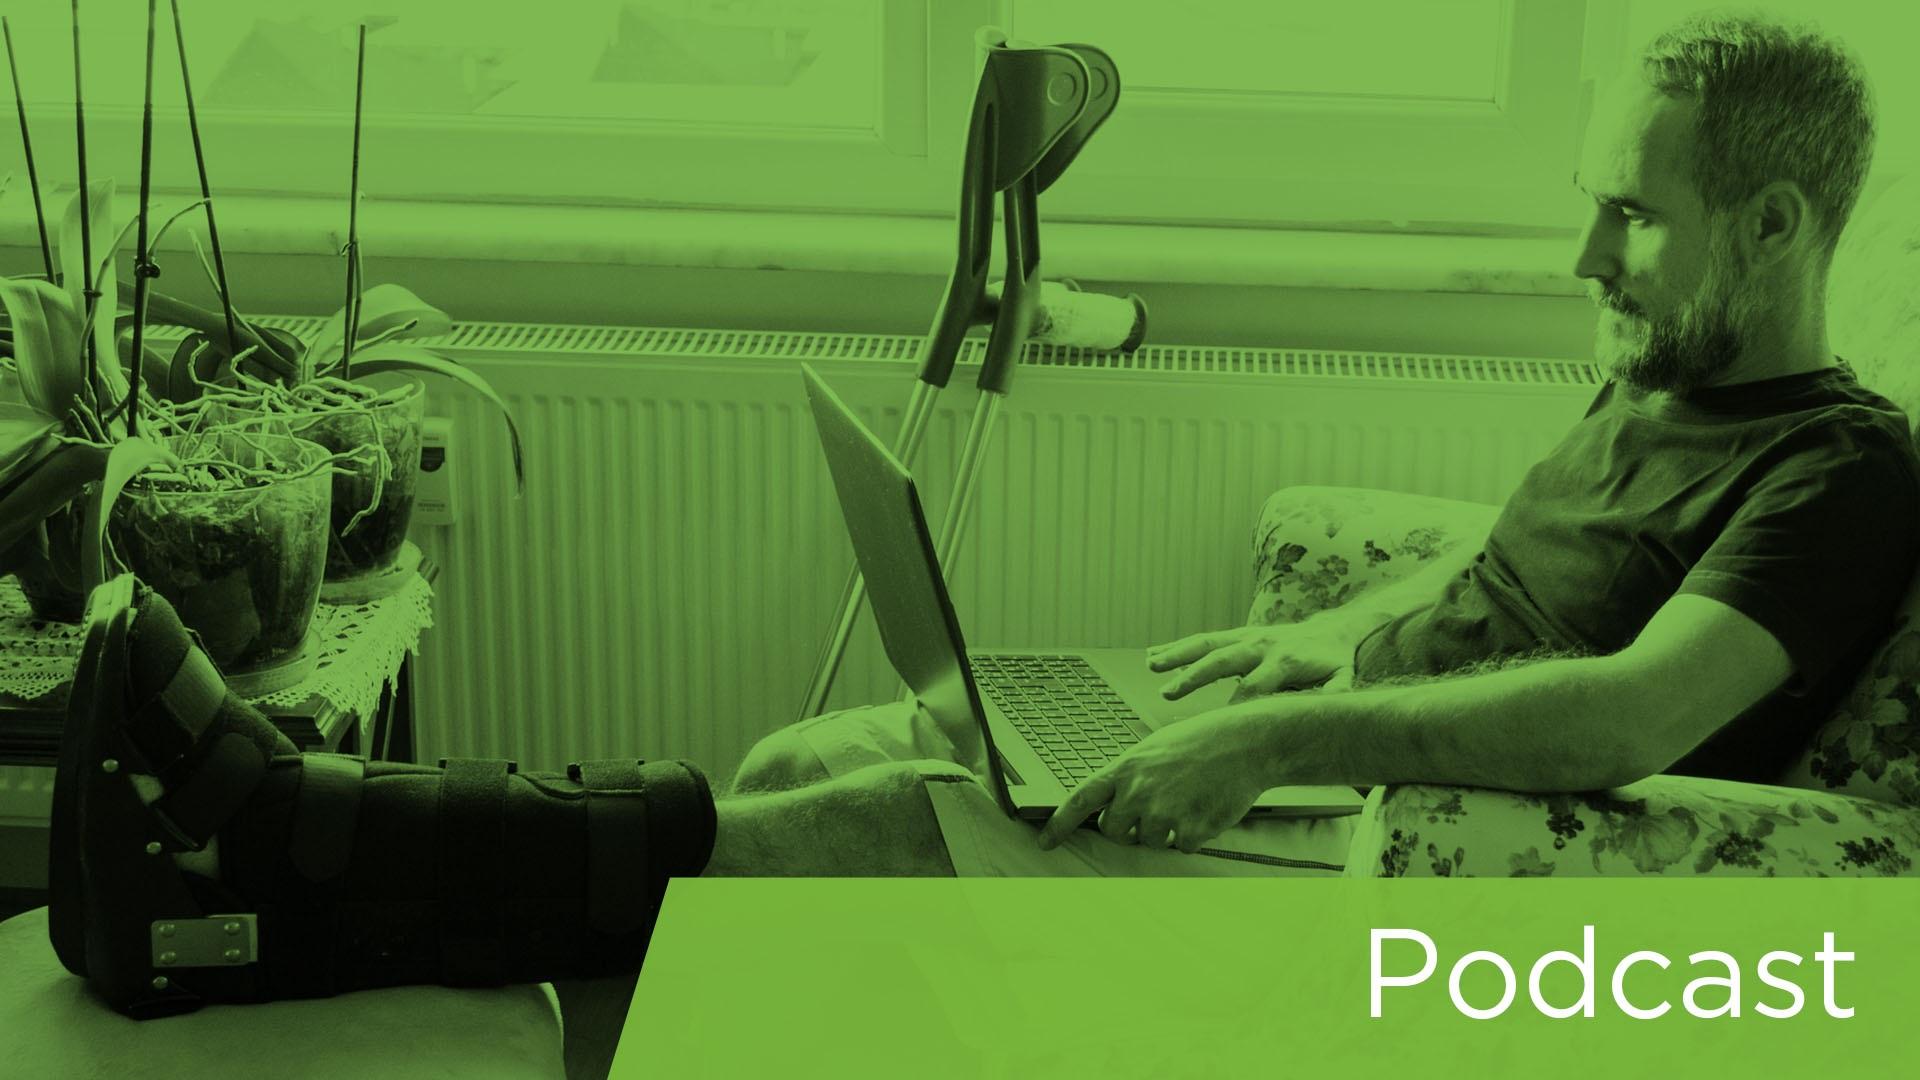 Man with injured leg using laptop